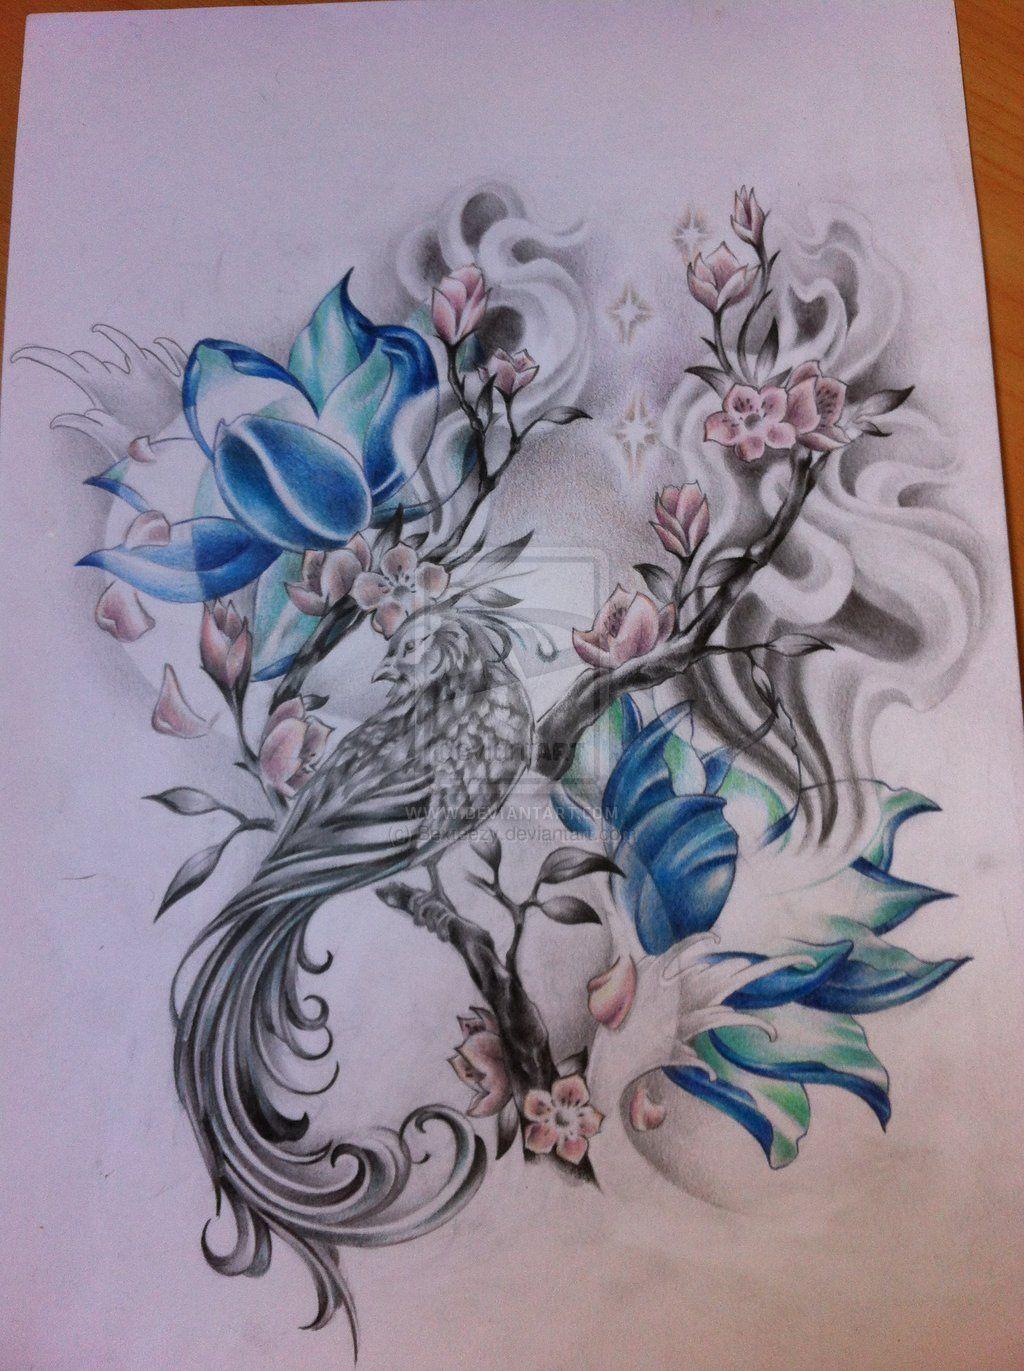 blue lotus and phoenix tattoo design photo 1 tattoos pinterest lotus tattoo lotus. Black Bedroom Furniture Sets. Home Design Ideas